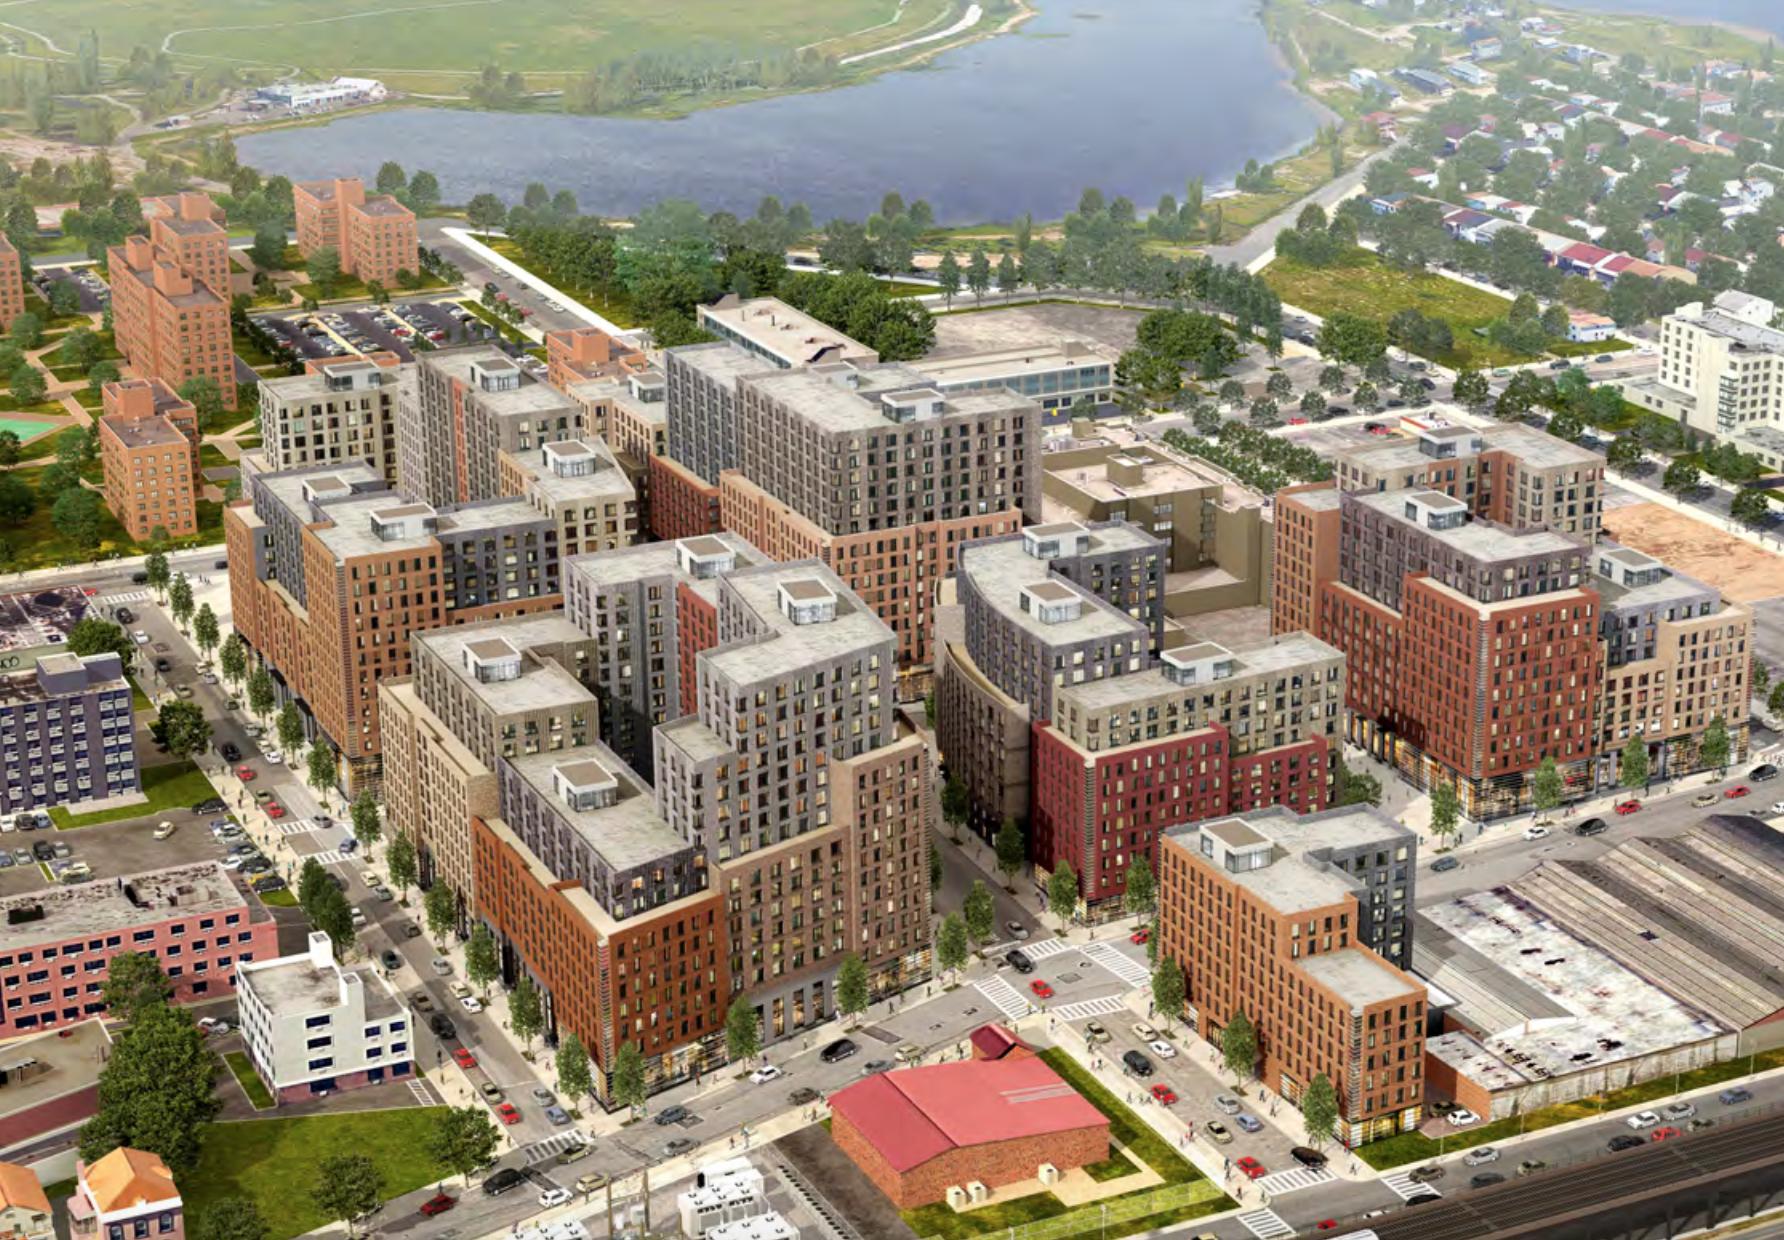 Peninsula Hospital Aufgang Architects